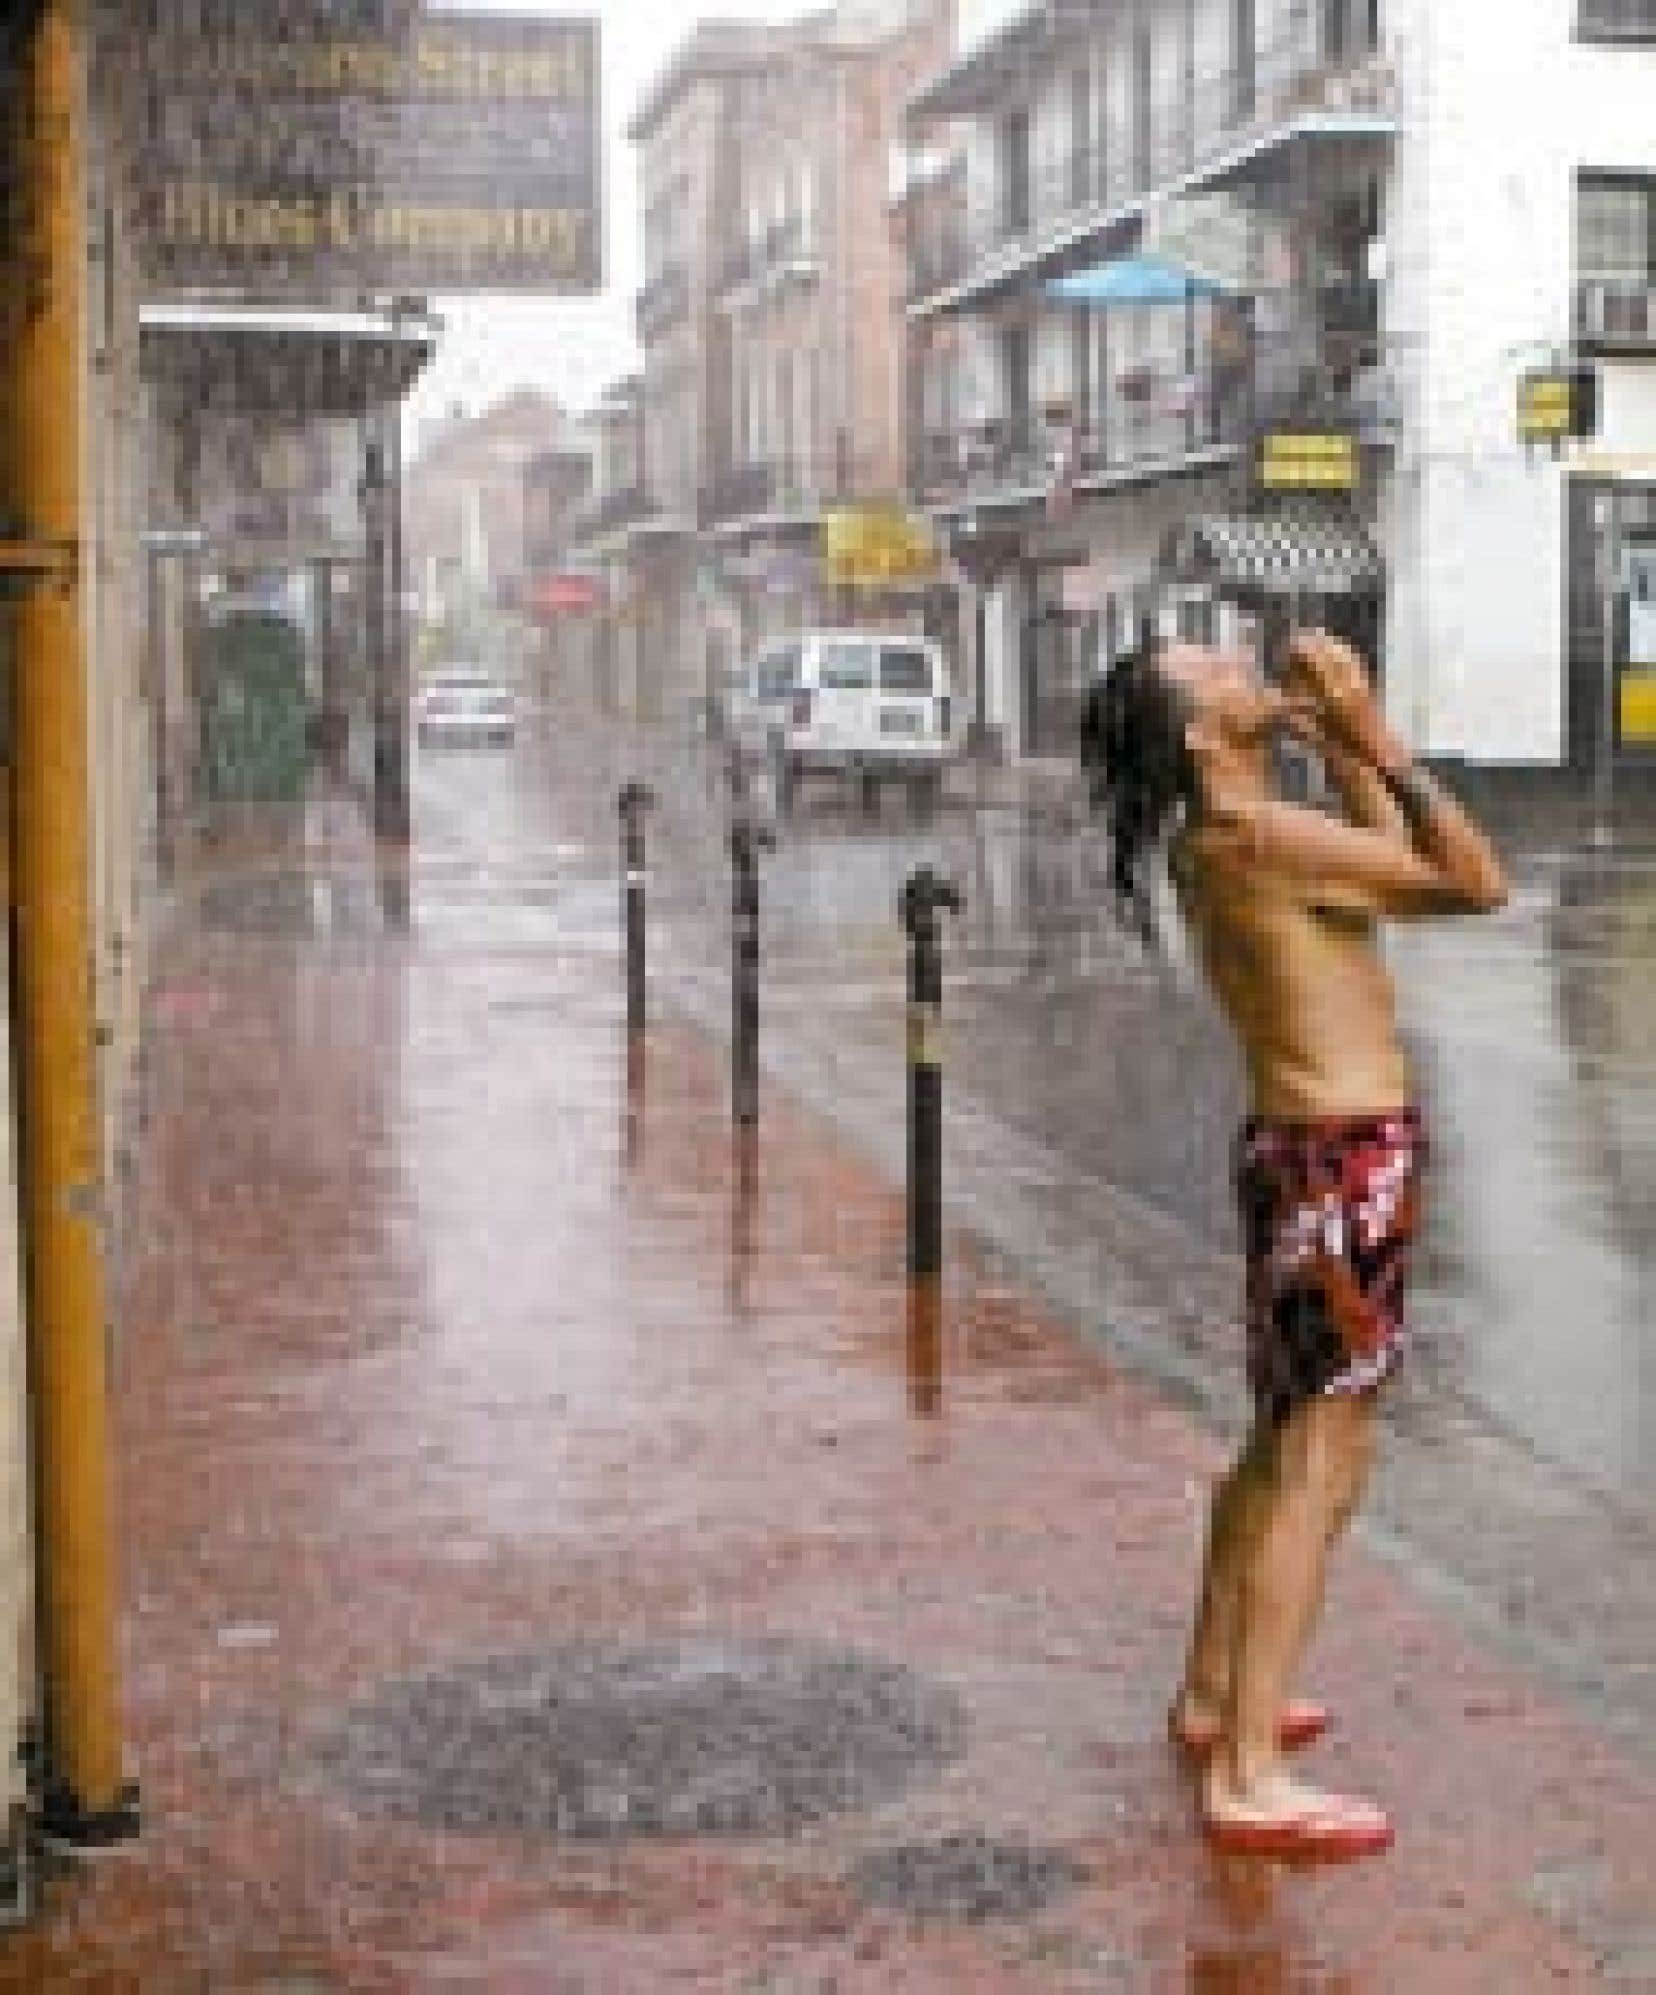 L'ouragan Rita s'approche des côtes américaines, qu'il doit frapper la nuit prochaine. Des vents forts et une pluie abondante ont balayé La Nouvelle-Orléans hier, permettant à ce commerçant de Bourbon Street, dans le quartier français, de pr